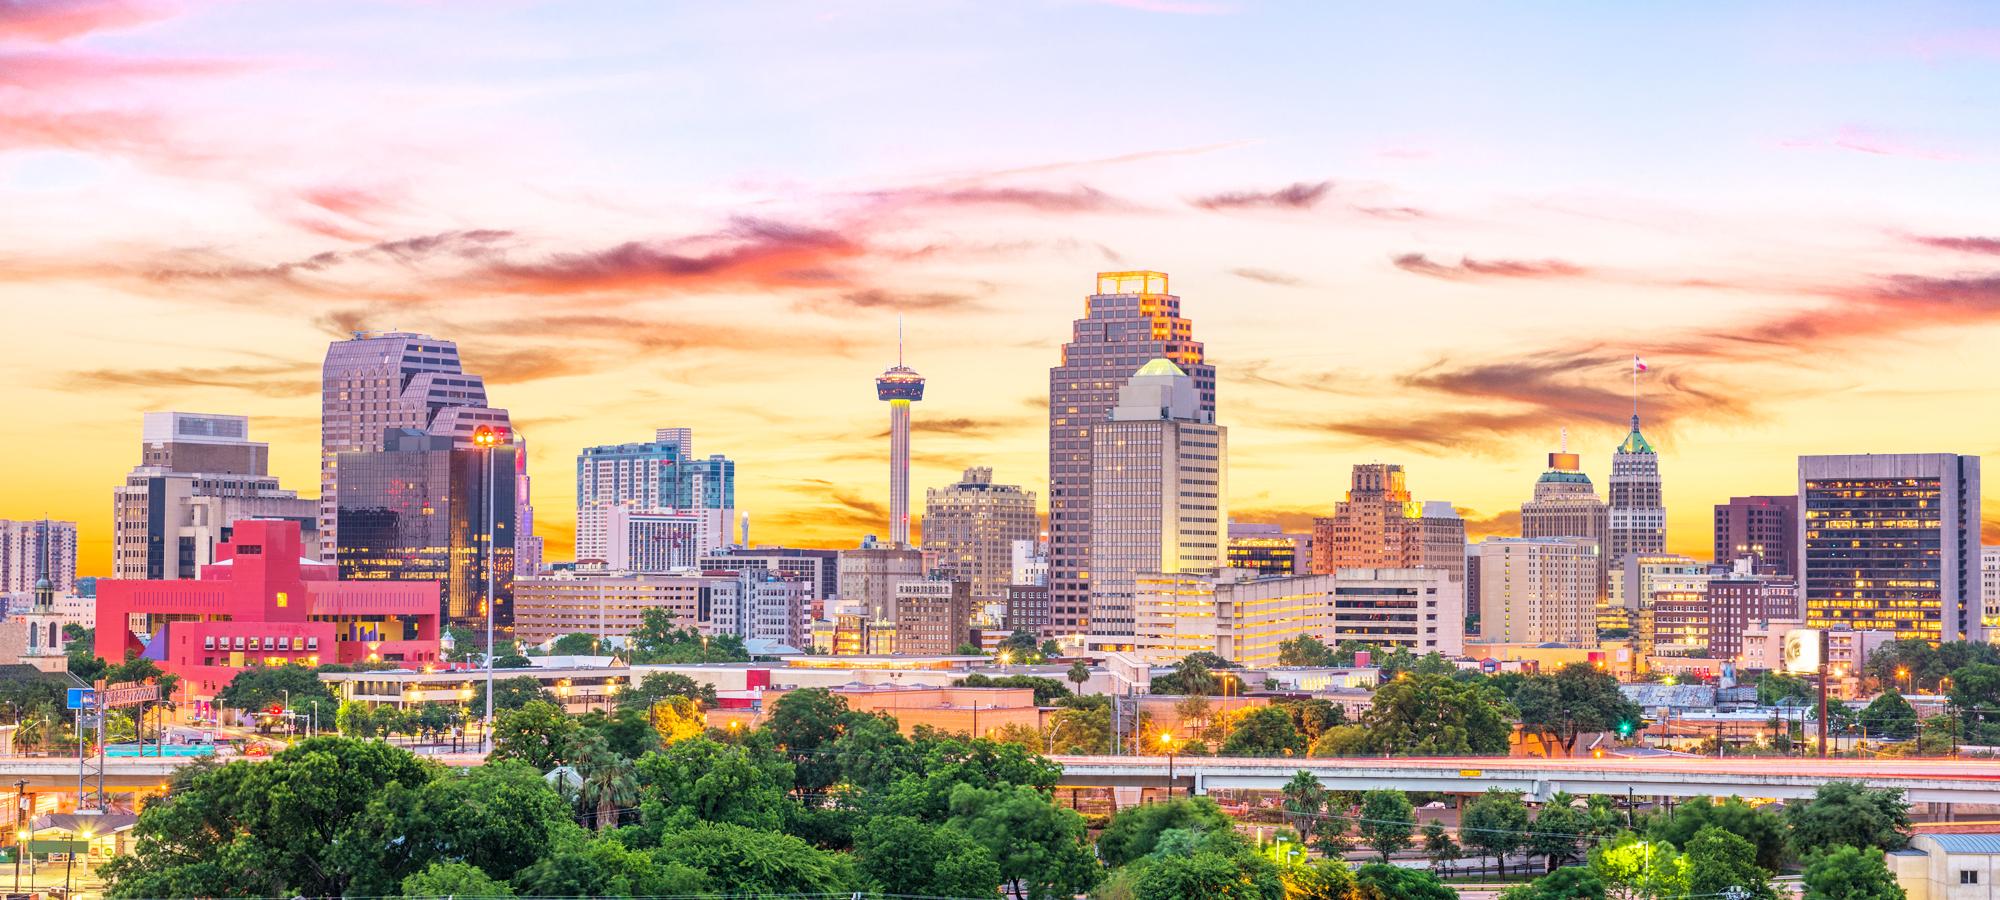 SanAntonio TX skyline